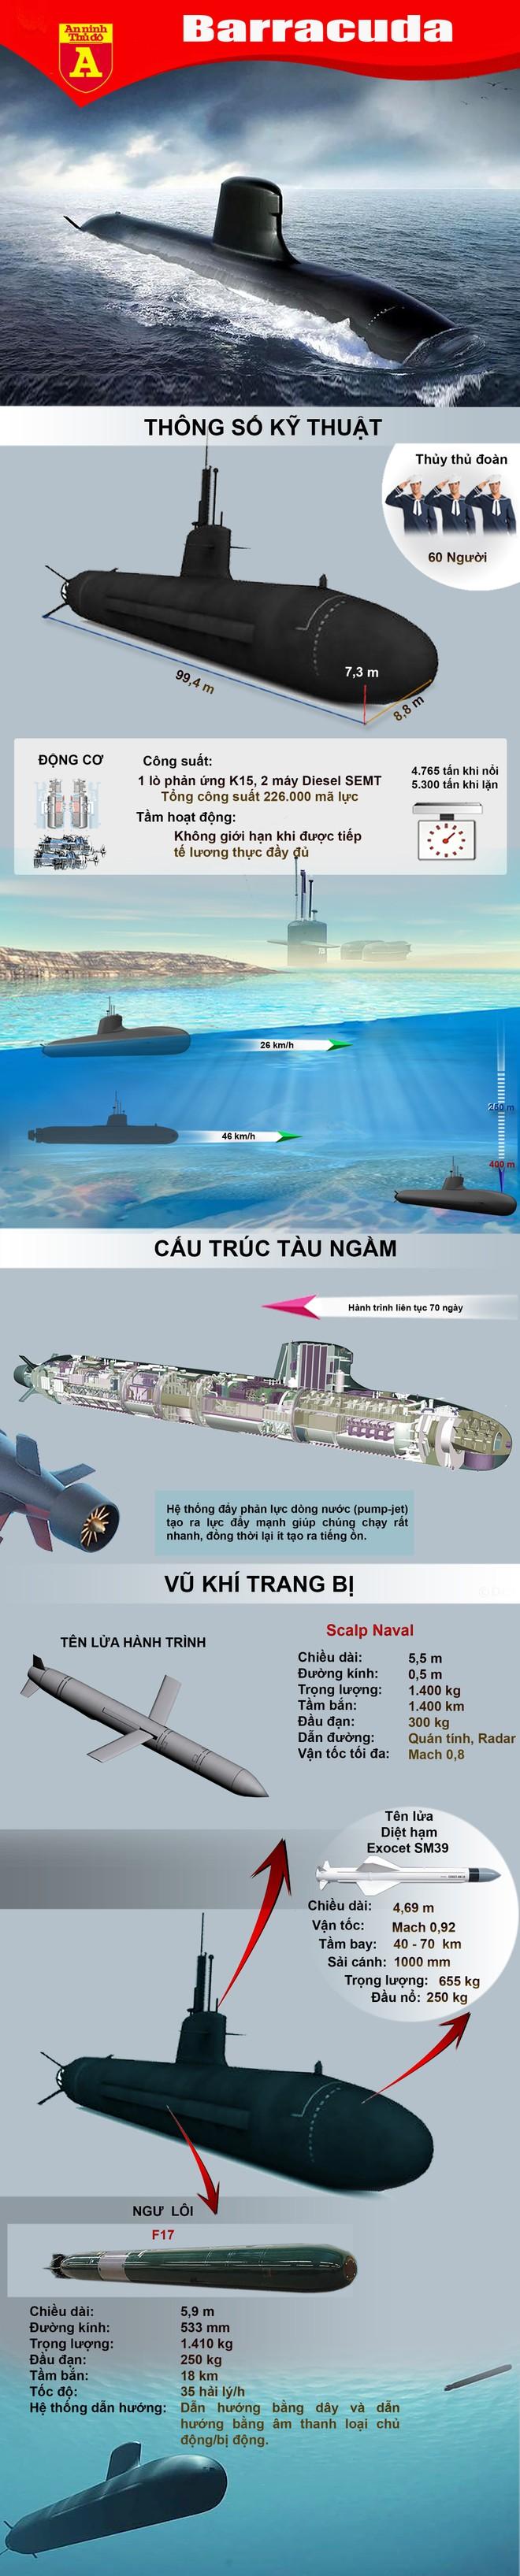 [Info] Pháp hạ thủy siêu tàu ngầm hạt nhân cực mạnh thách thức đối thủ ảnh 2